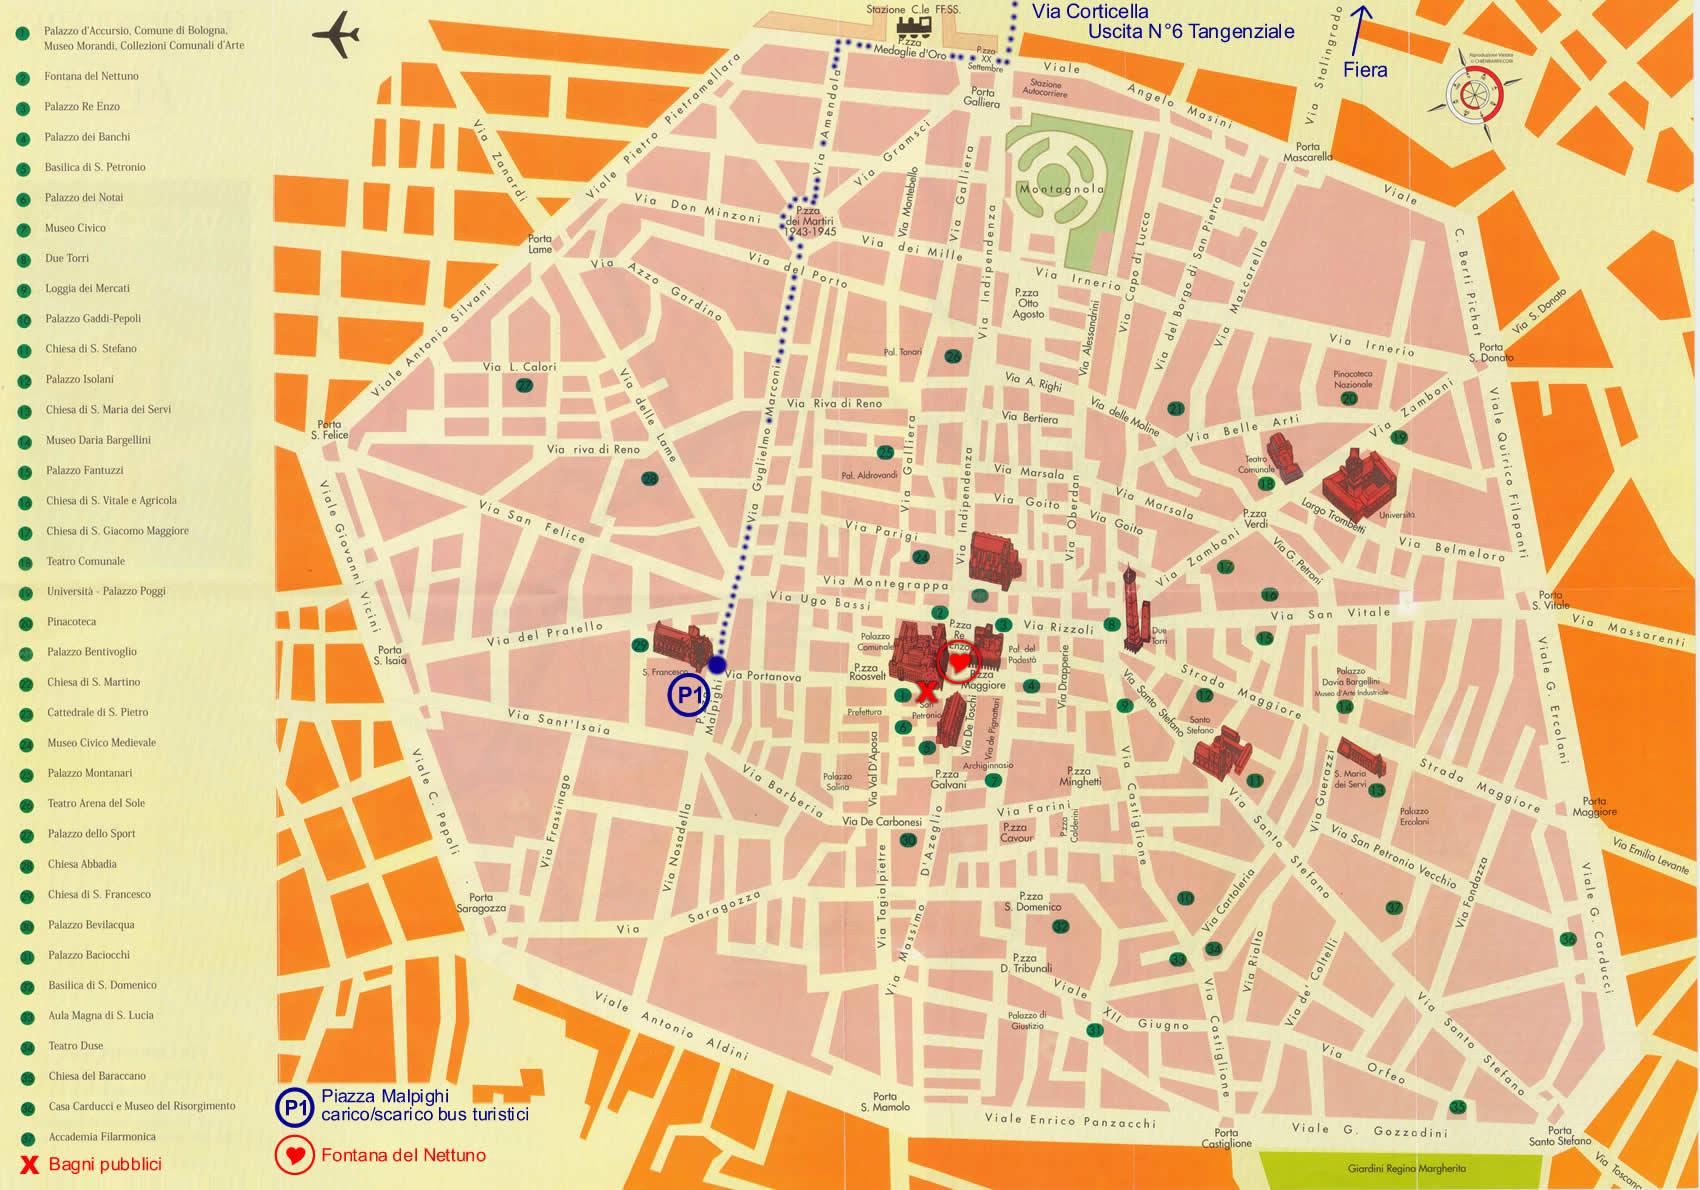 fiera di modellismo bologna italy map - photo#23